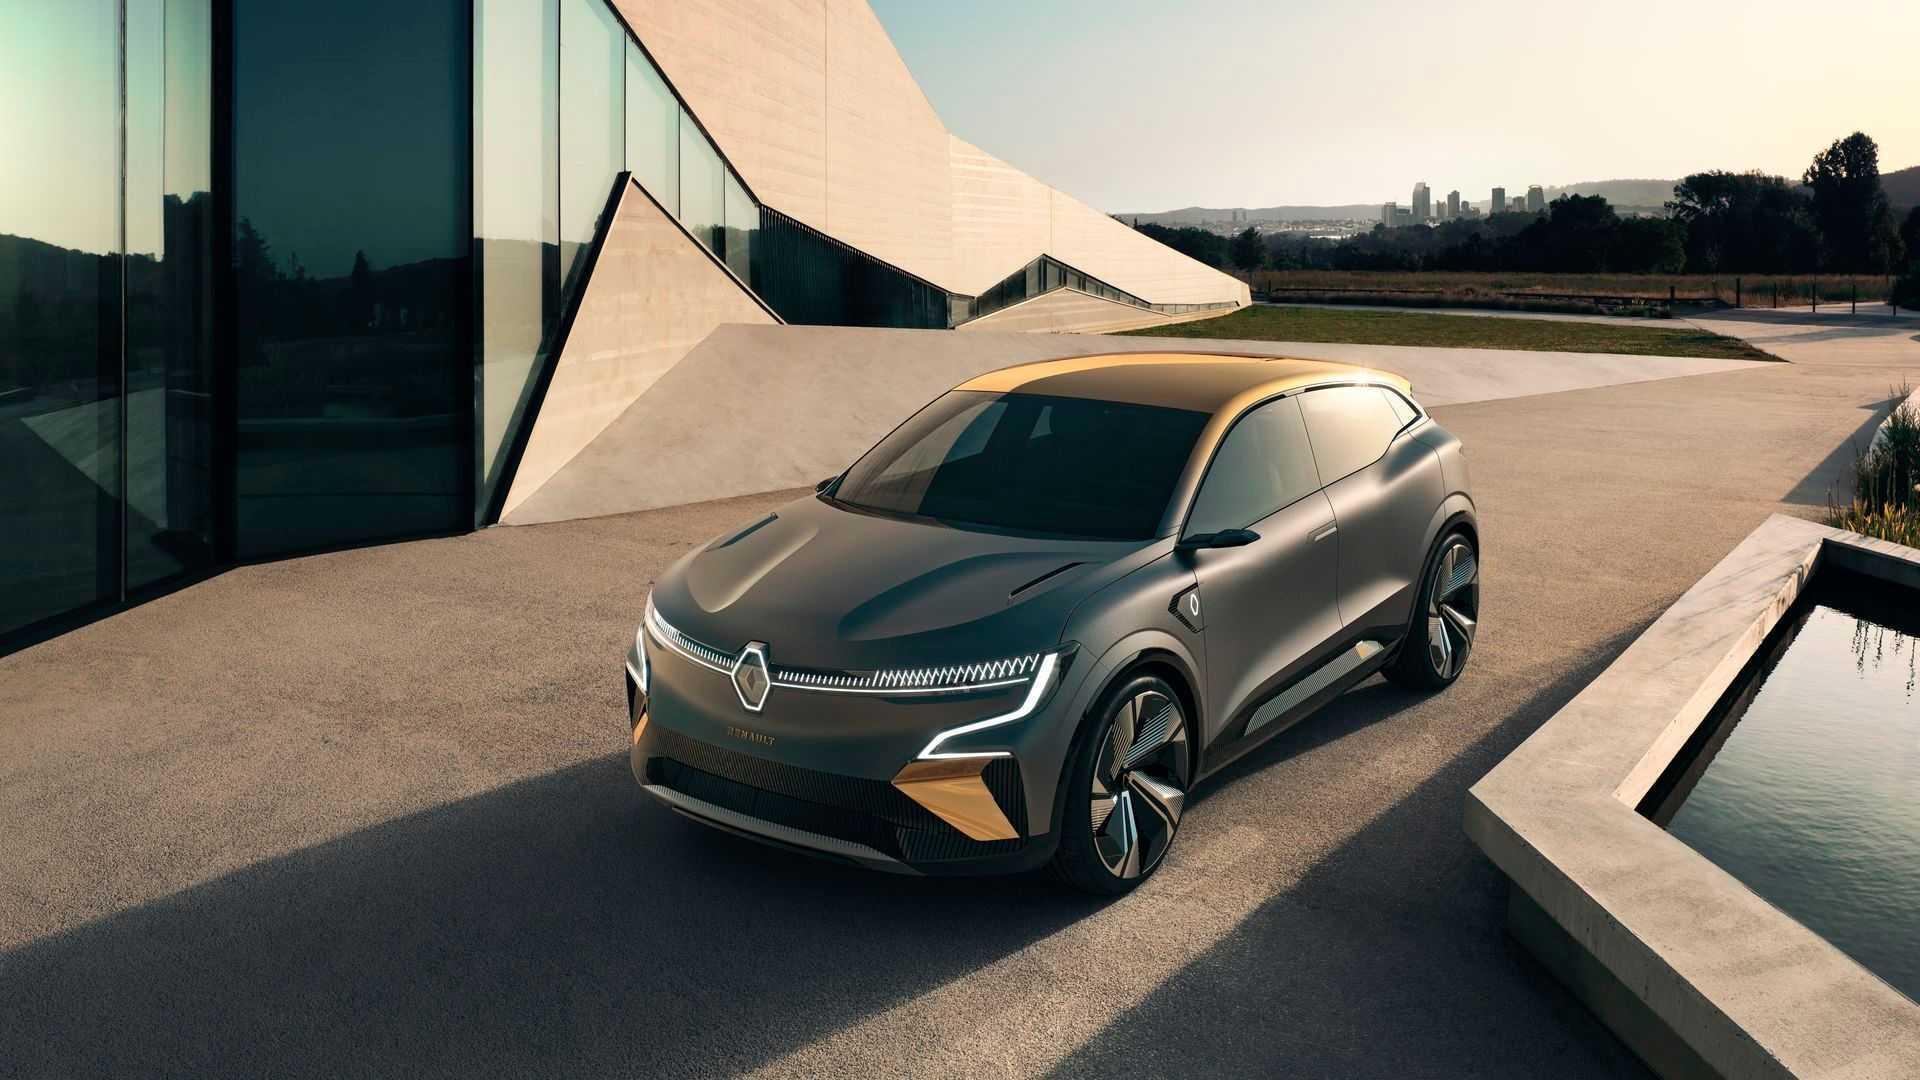 Новый глава компании Renault пообещал устроить «ренолюцию»